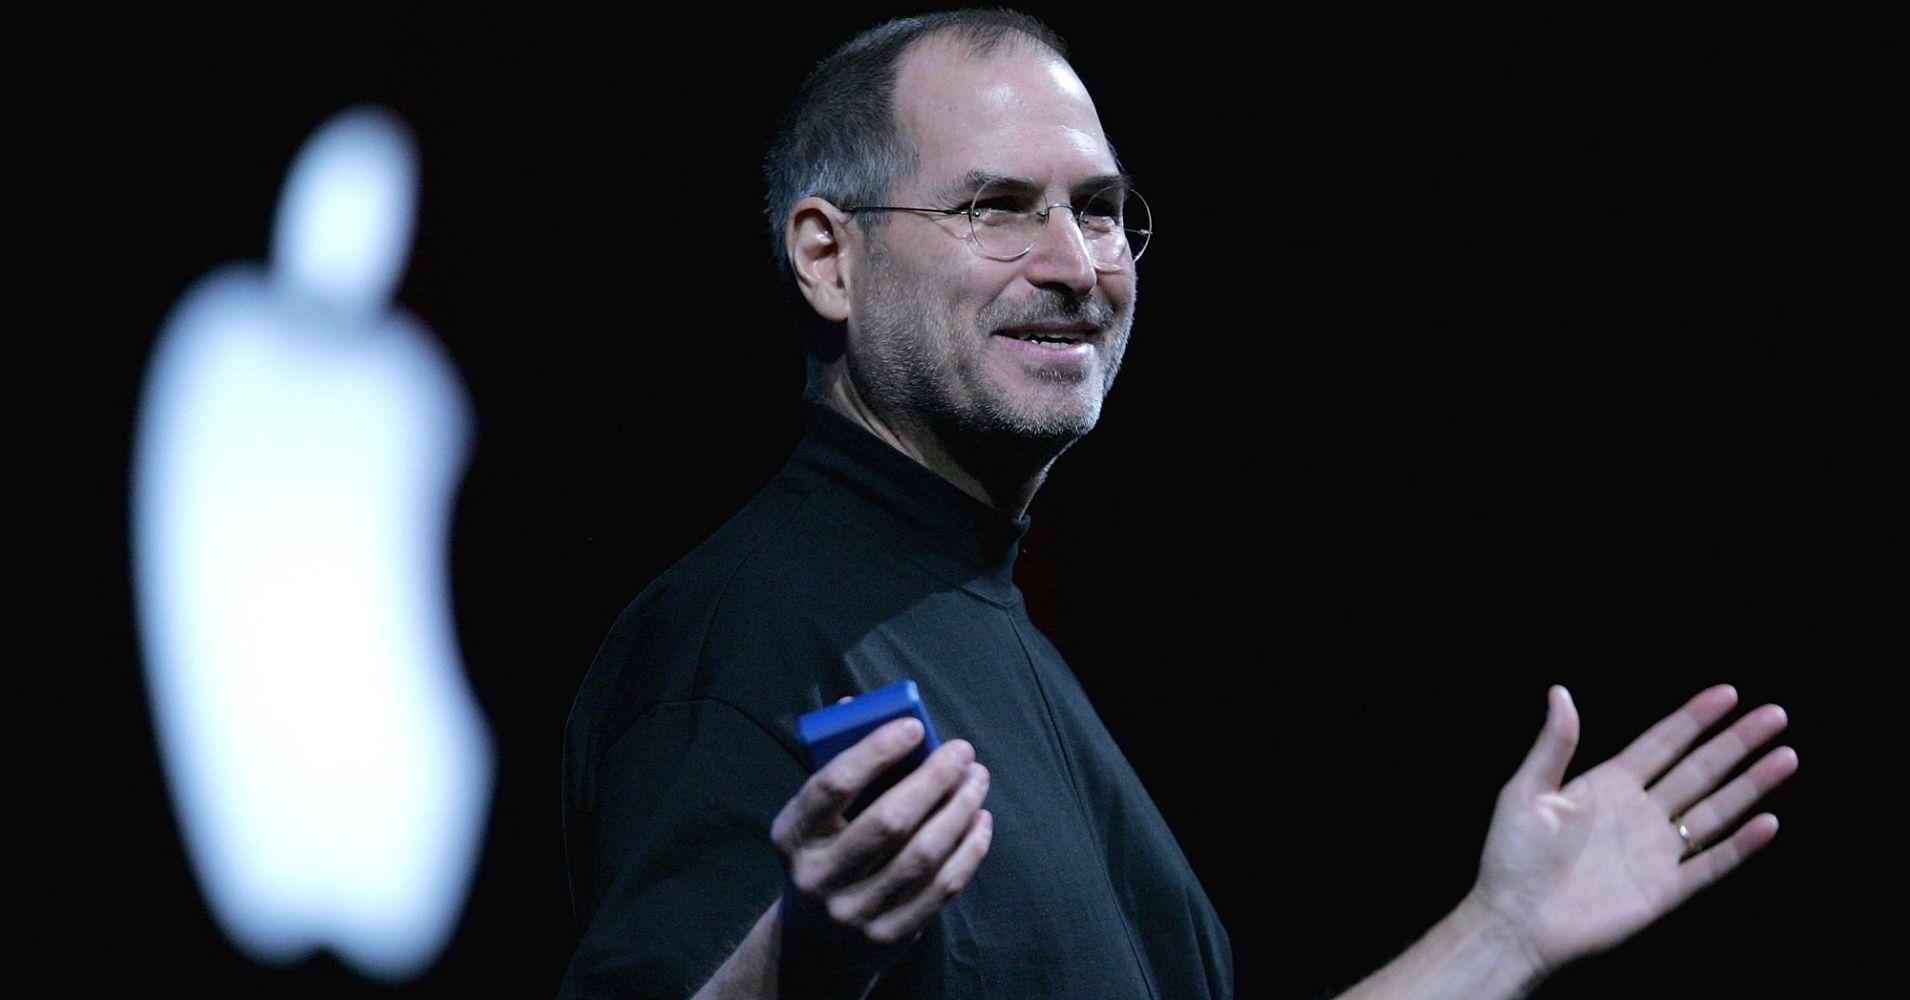 Steve Jobs'ın kartviziti açık artırmada rekor fiyata satıldı!